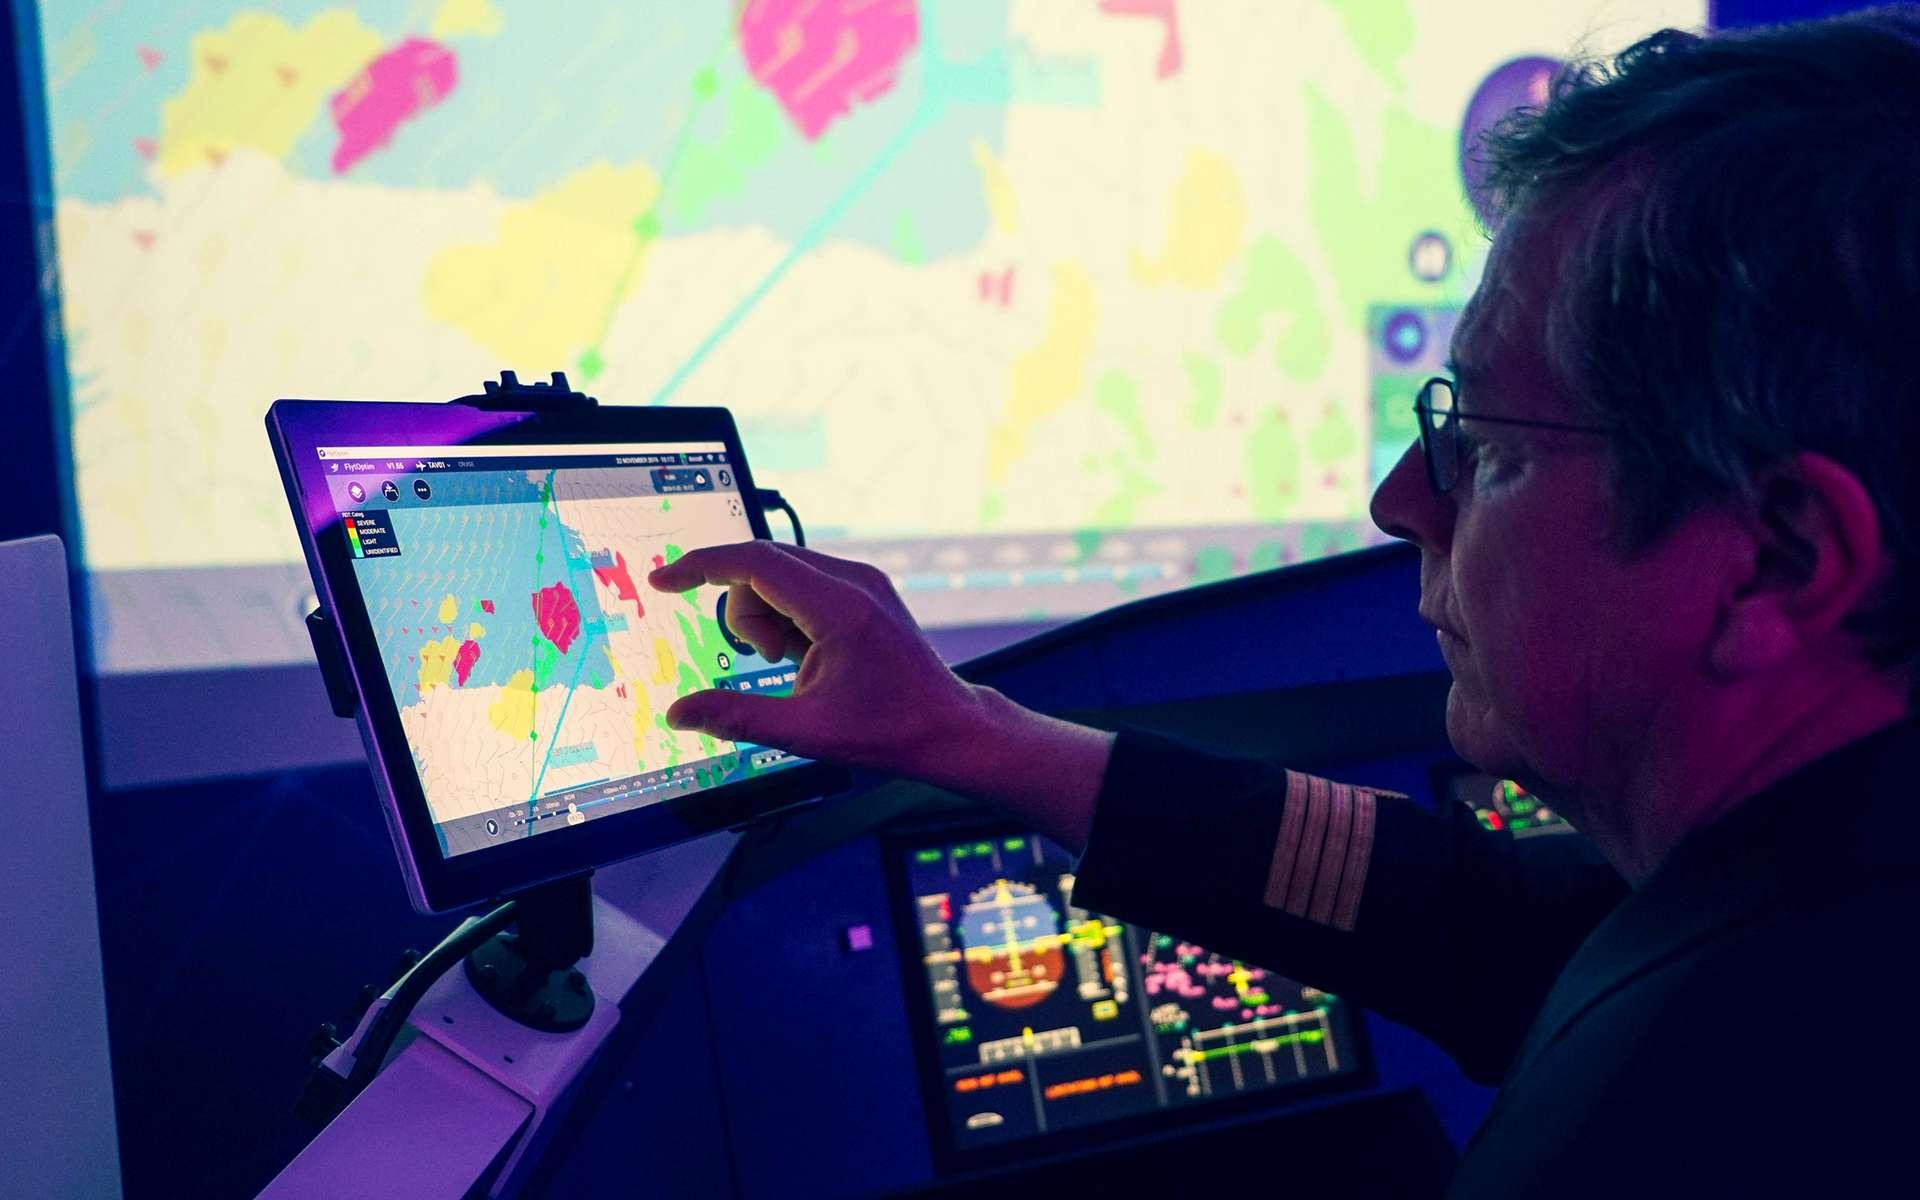 PureFlyt, le futur système de gestion de vol de Thales, s'apparente à un cerveau pour piloter en toute sécurité les avions commerciaux. © Thales